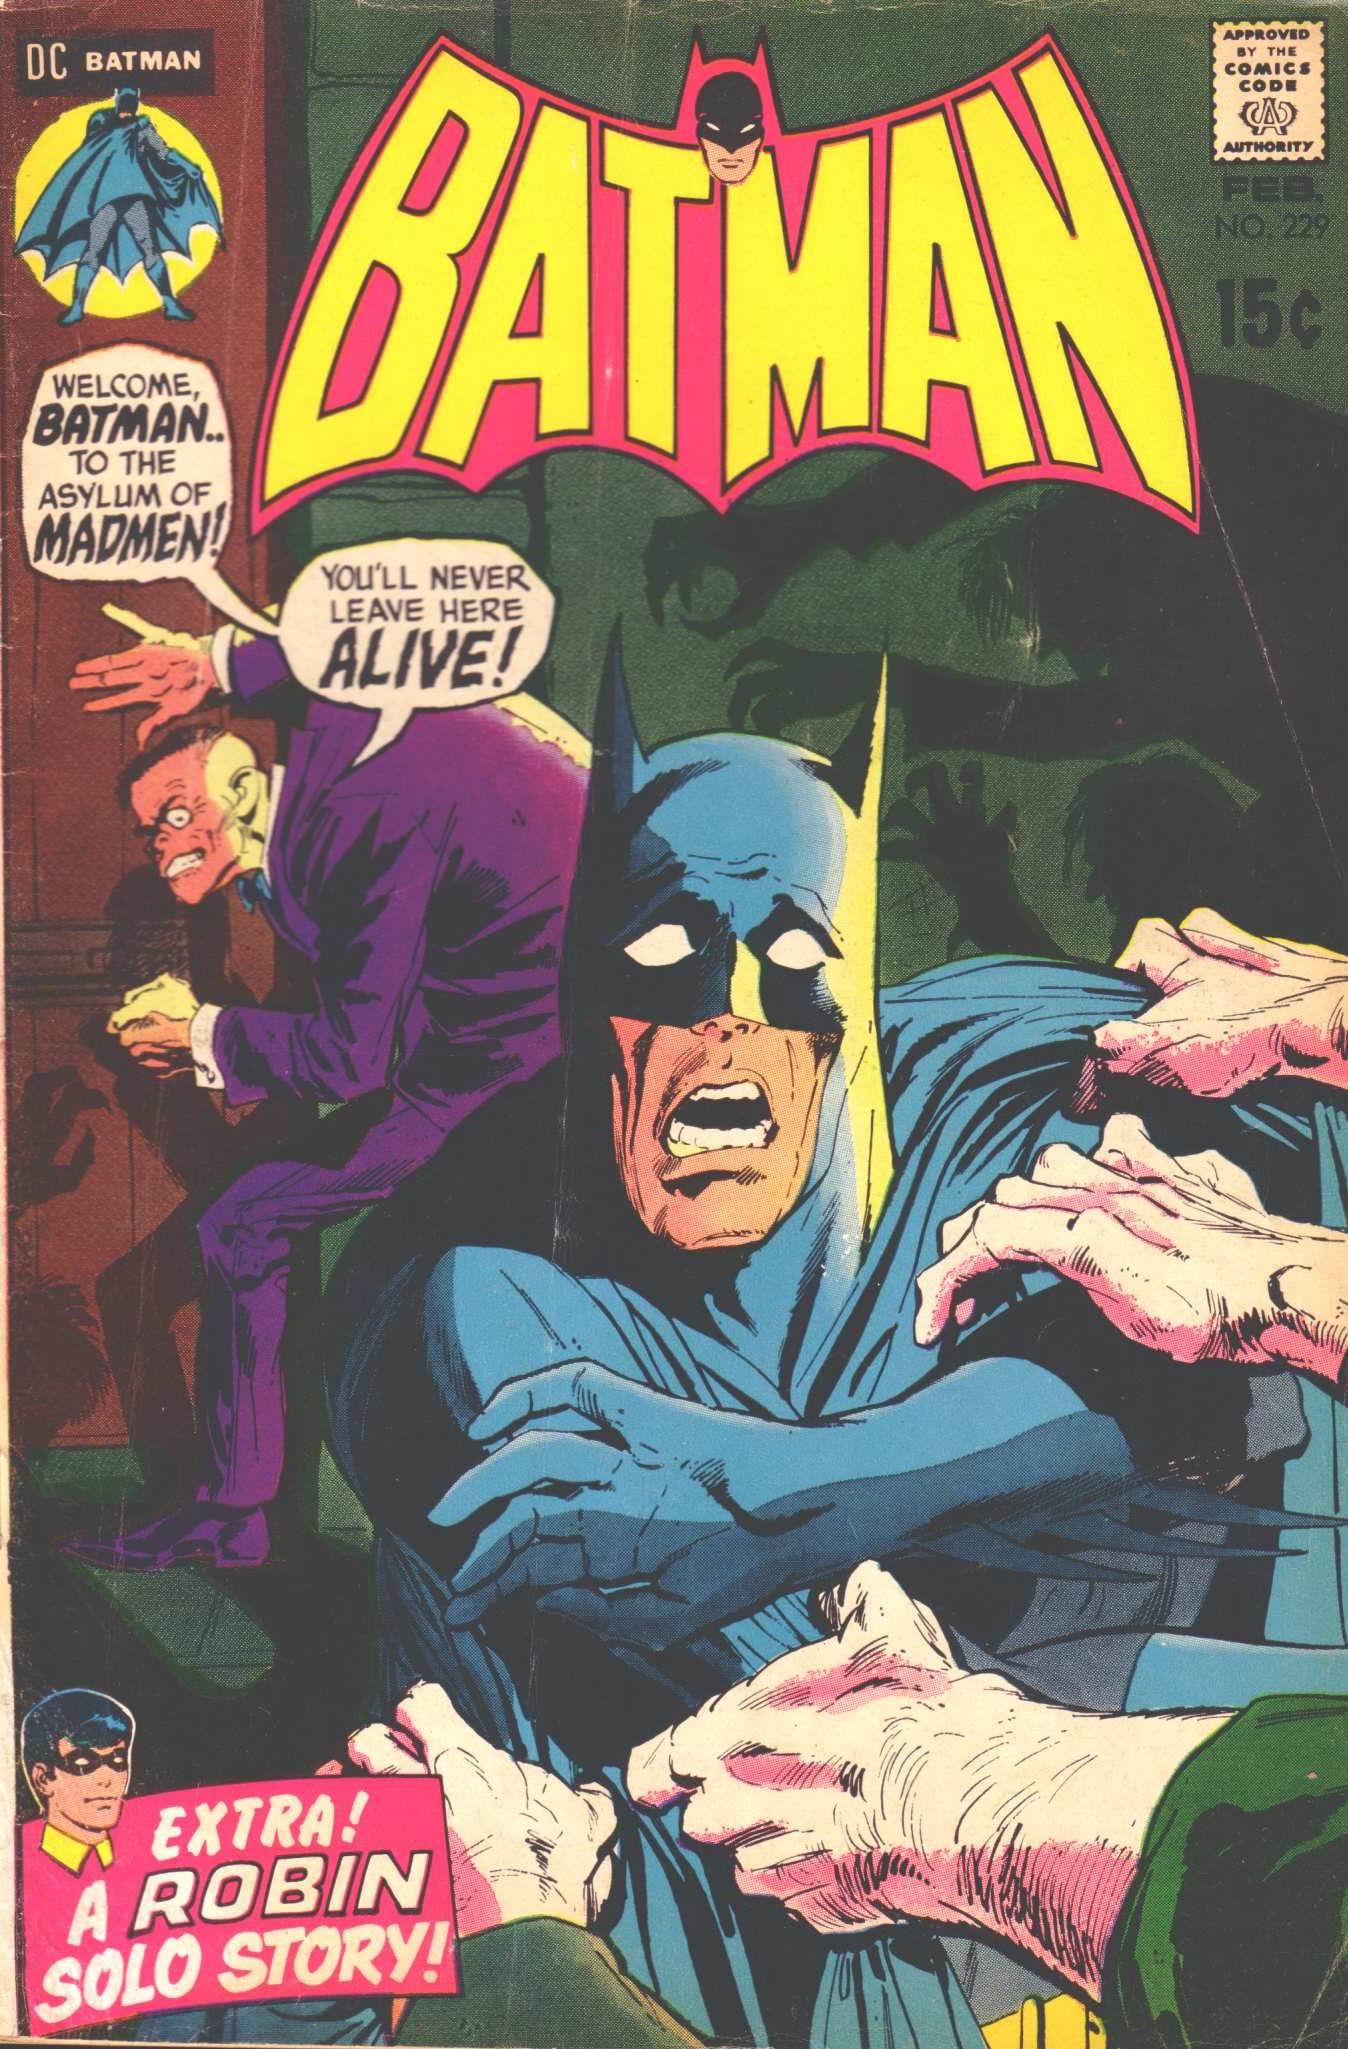 Batman (1940) 229 Page 1